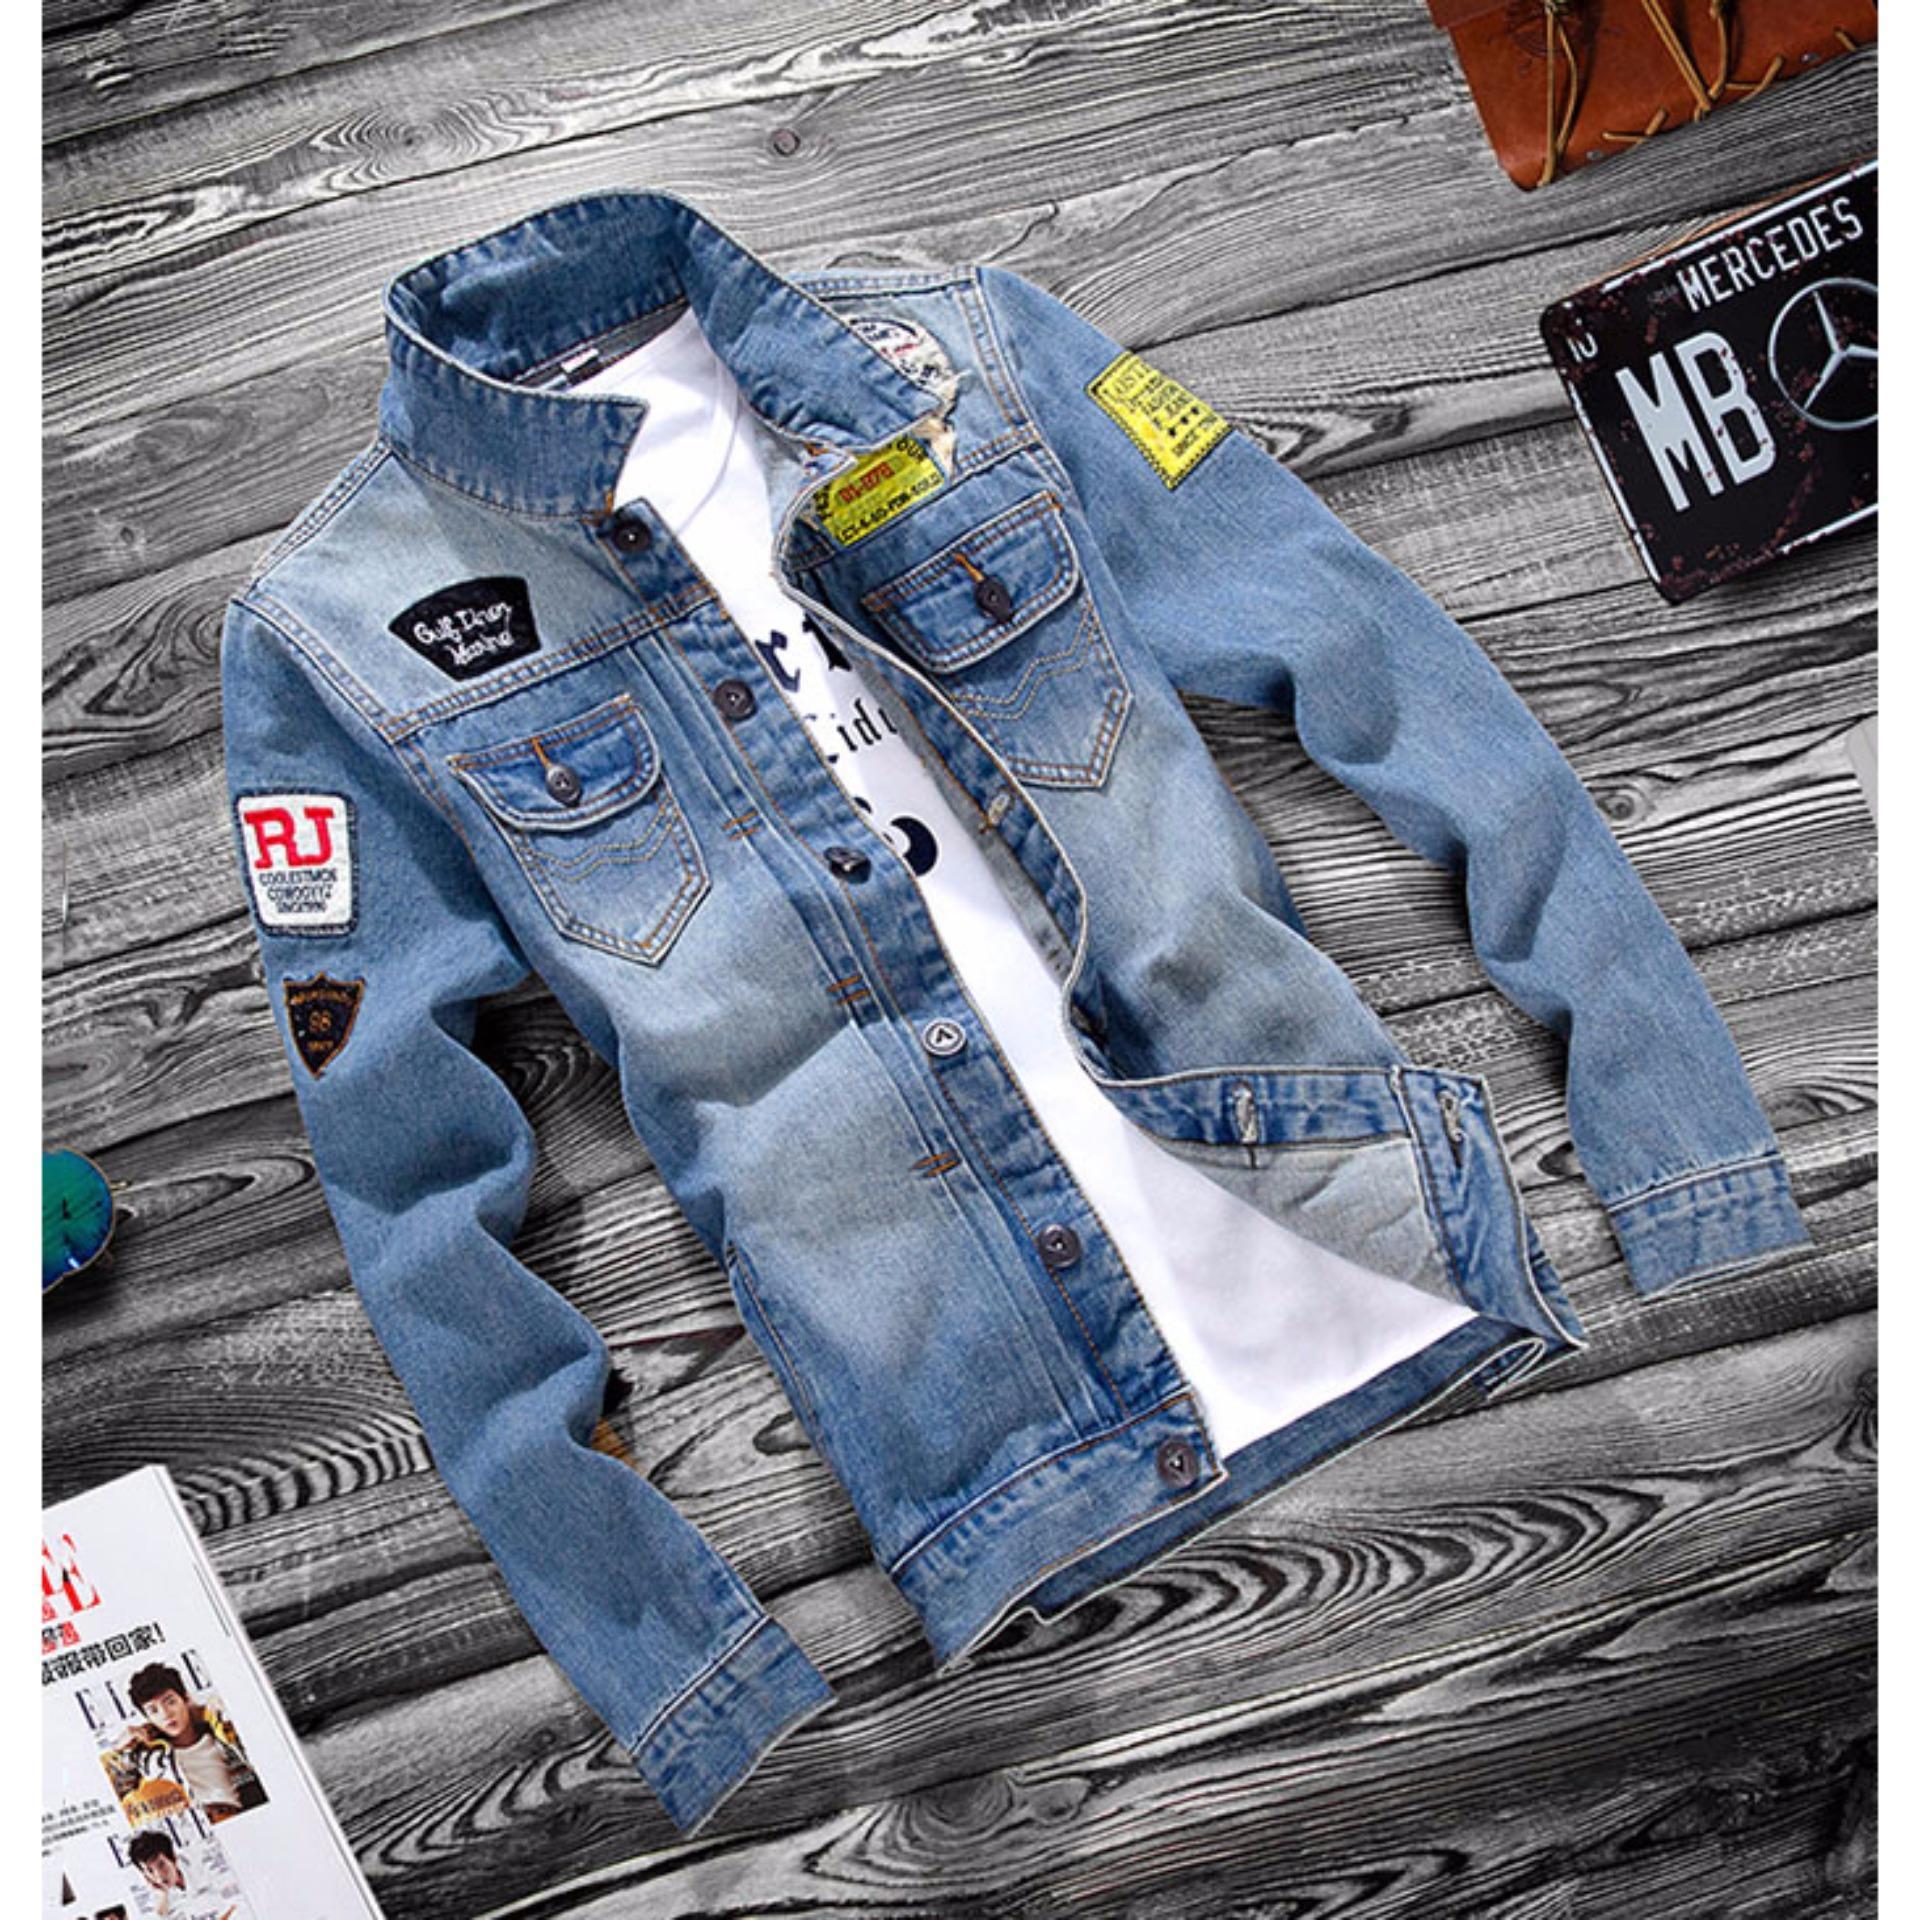 Áo khoác Jean nam logo ngực túi đắp Thoitrangkm